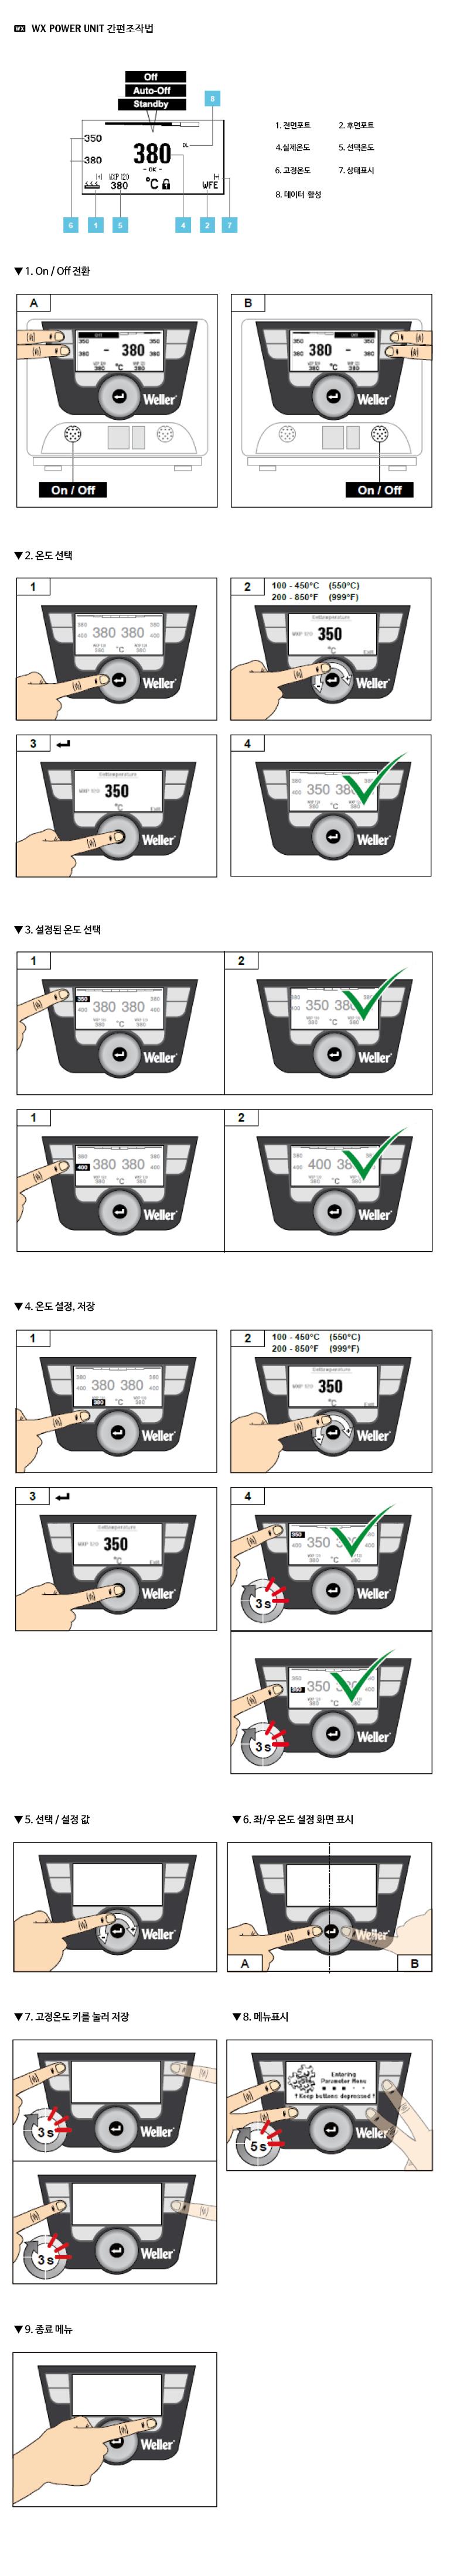 WX_Manual.jpg